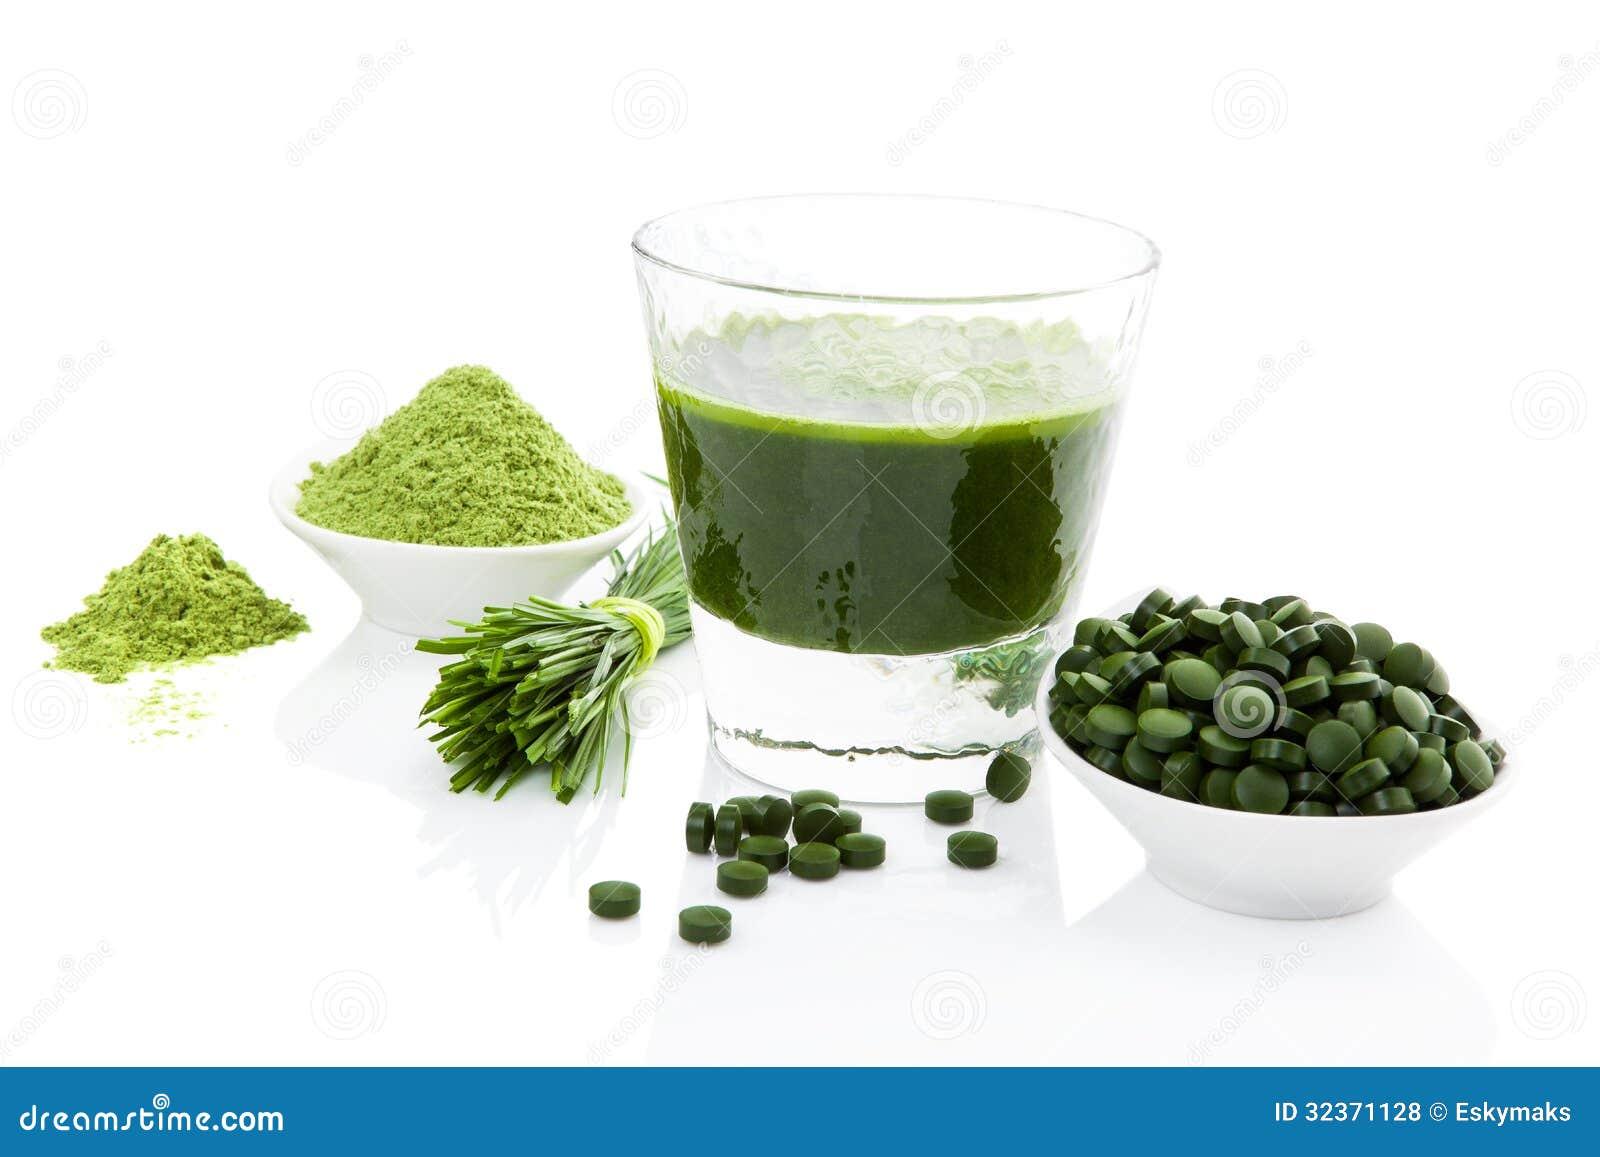 Vie saine. Spirulina, chlorella et wheatgrass.